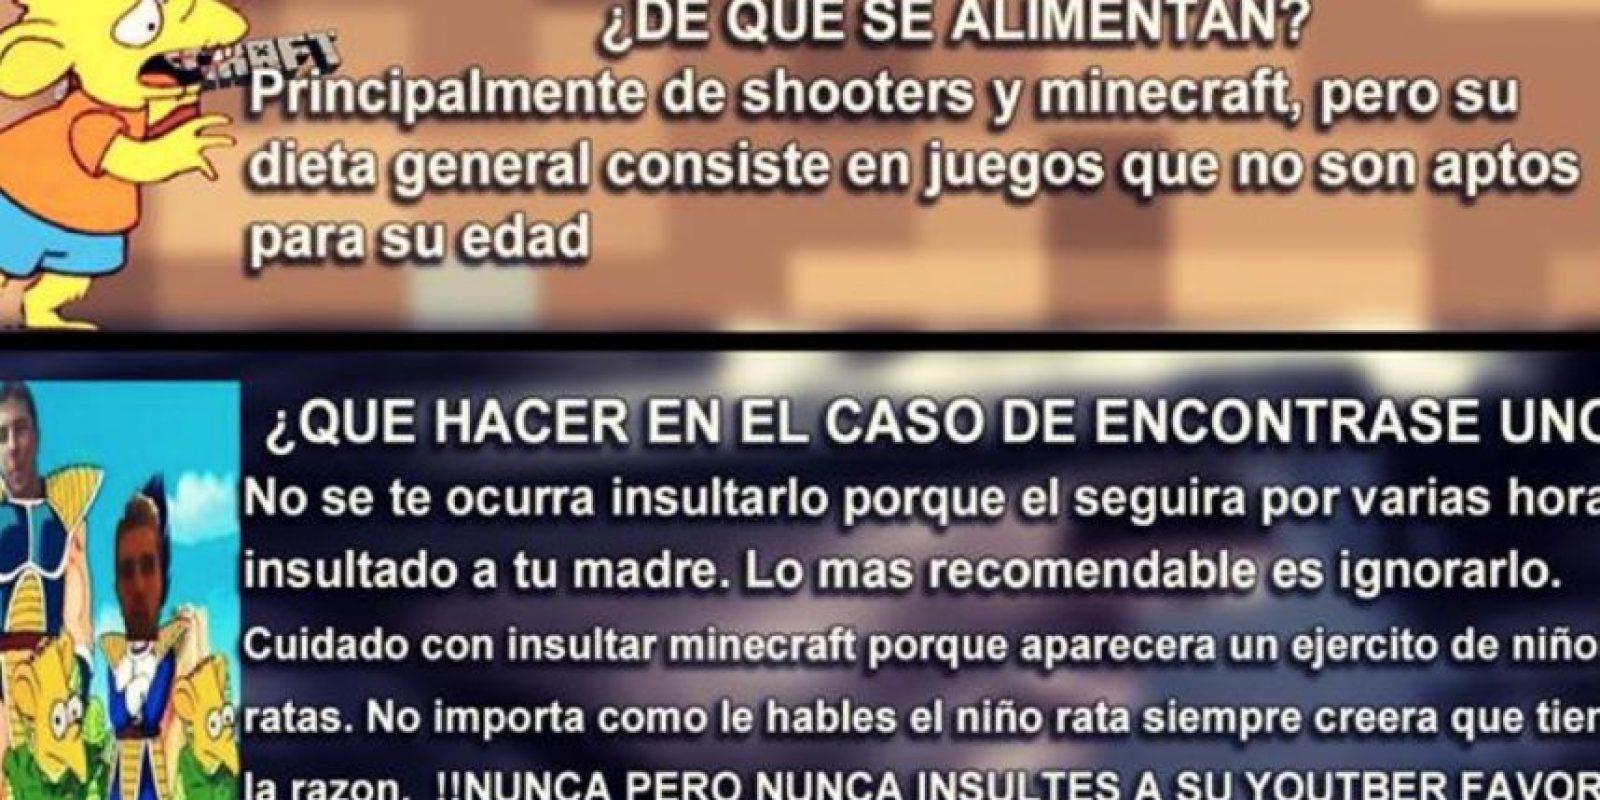 Sus juegos favoritos son Minecraft y critican otras consolas Foto:Taringa